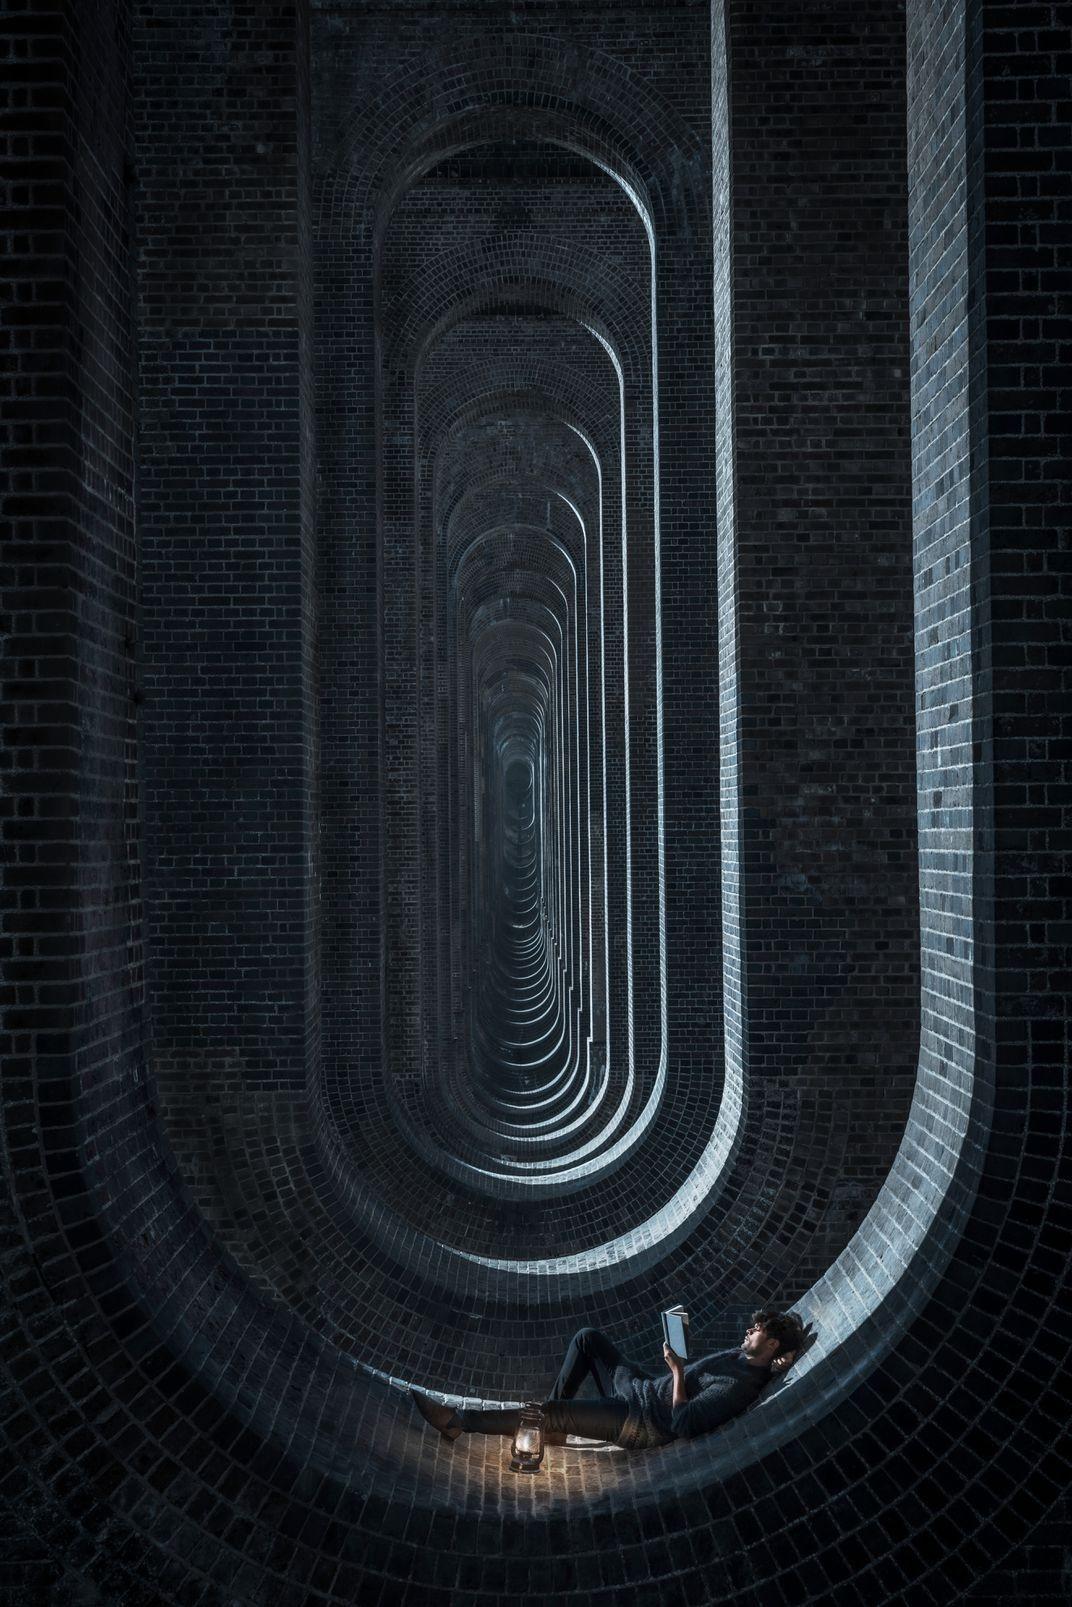 Финалист в категории «Изменённые изображения», 2020. «Свет и тень». Виадук долины Уз, Англия. Автор Али Алсулайман